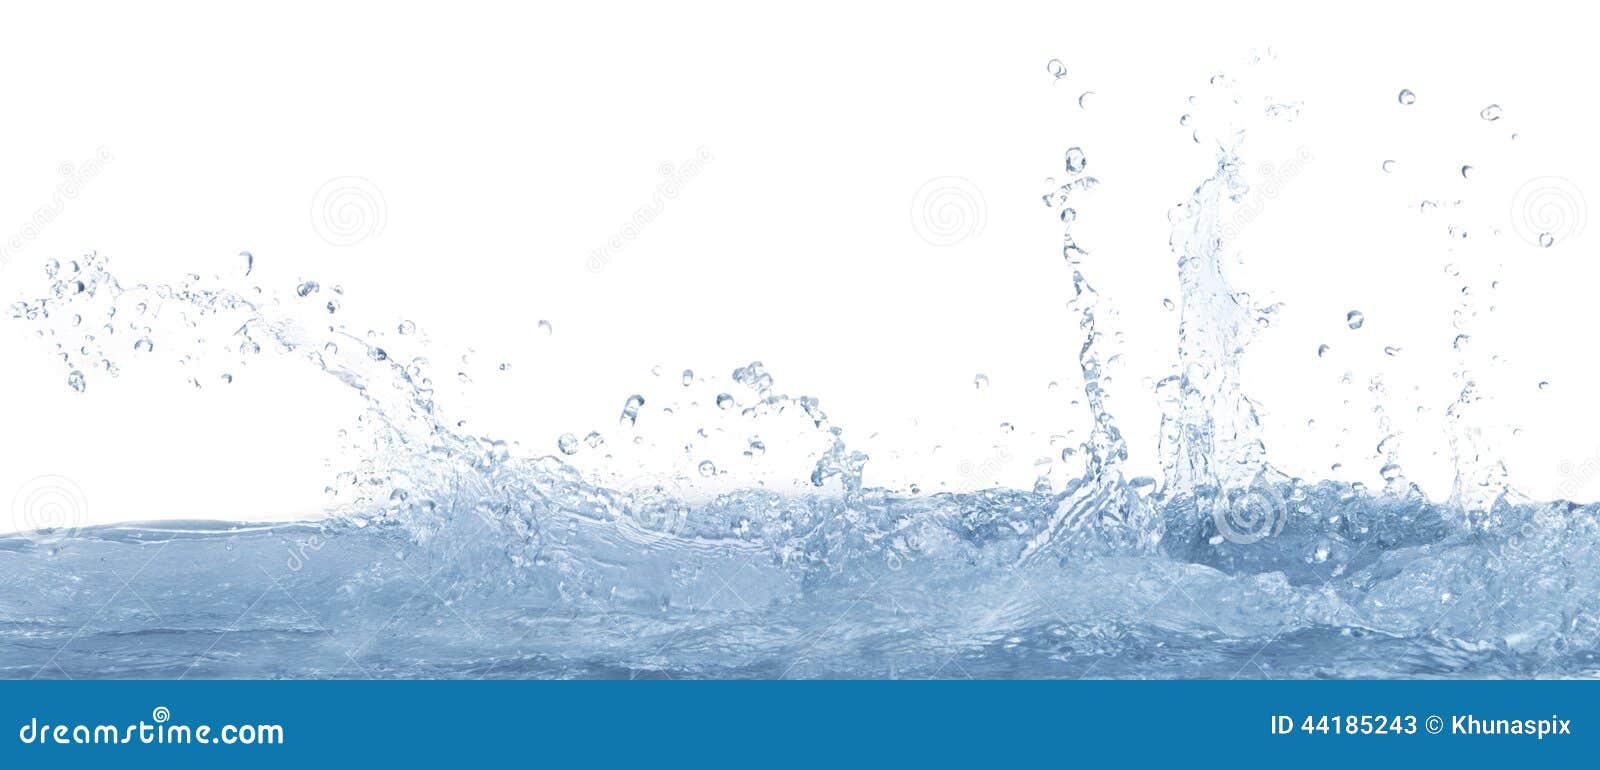 Plaska fri vatten på vitt bakgrundsbruk för bakgrund för uppfriskning och för kallt dricksvatten